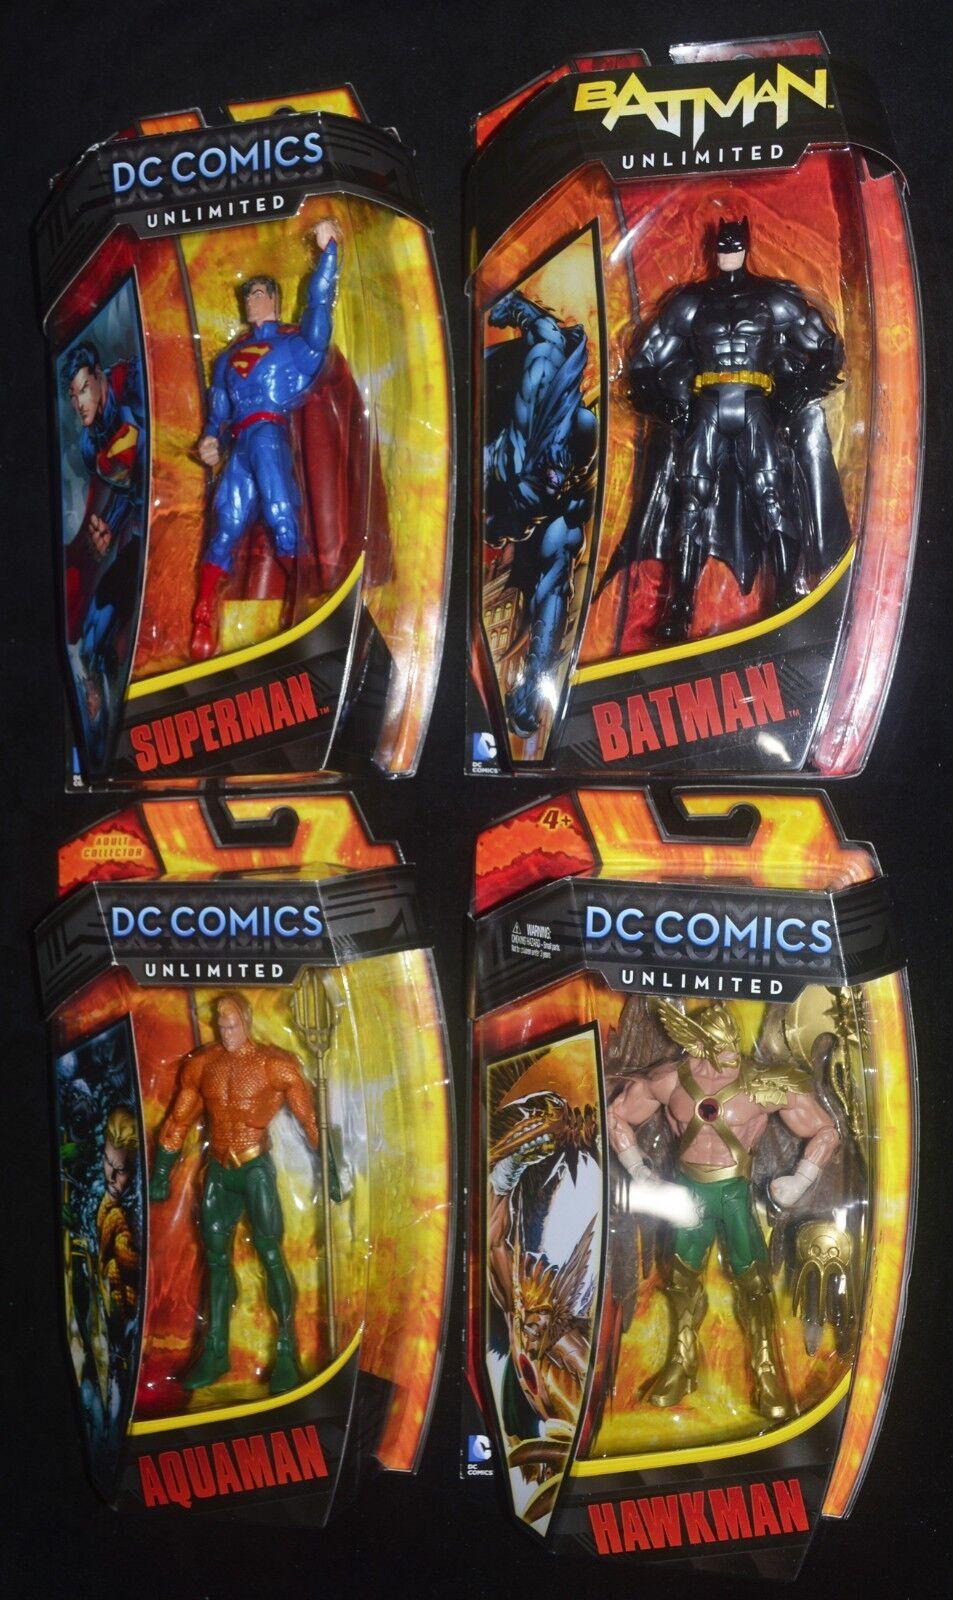 Dc comics unbegrenzte superman, batman, aquaman & falkenmann. wir kommen zurck von 4 6  zahlen mip